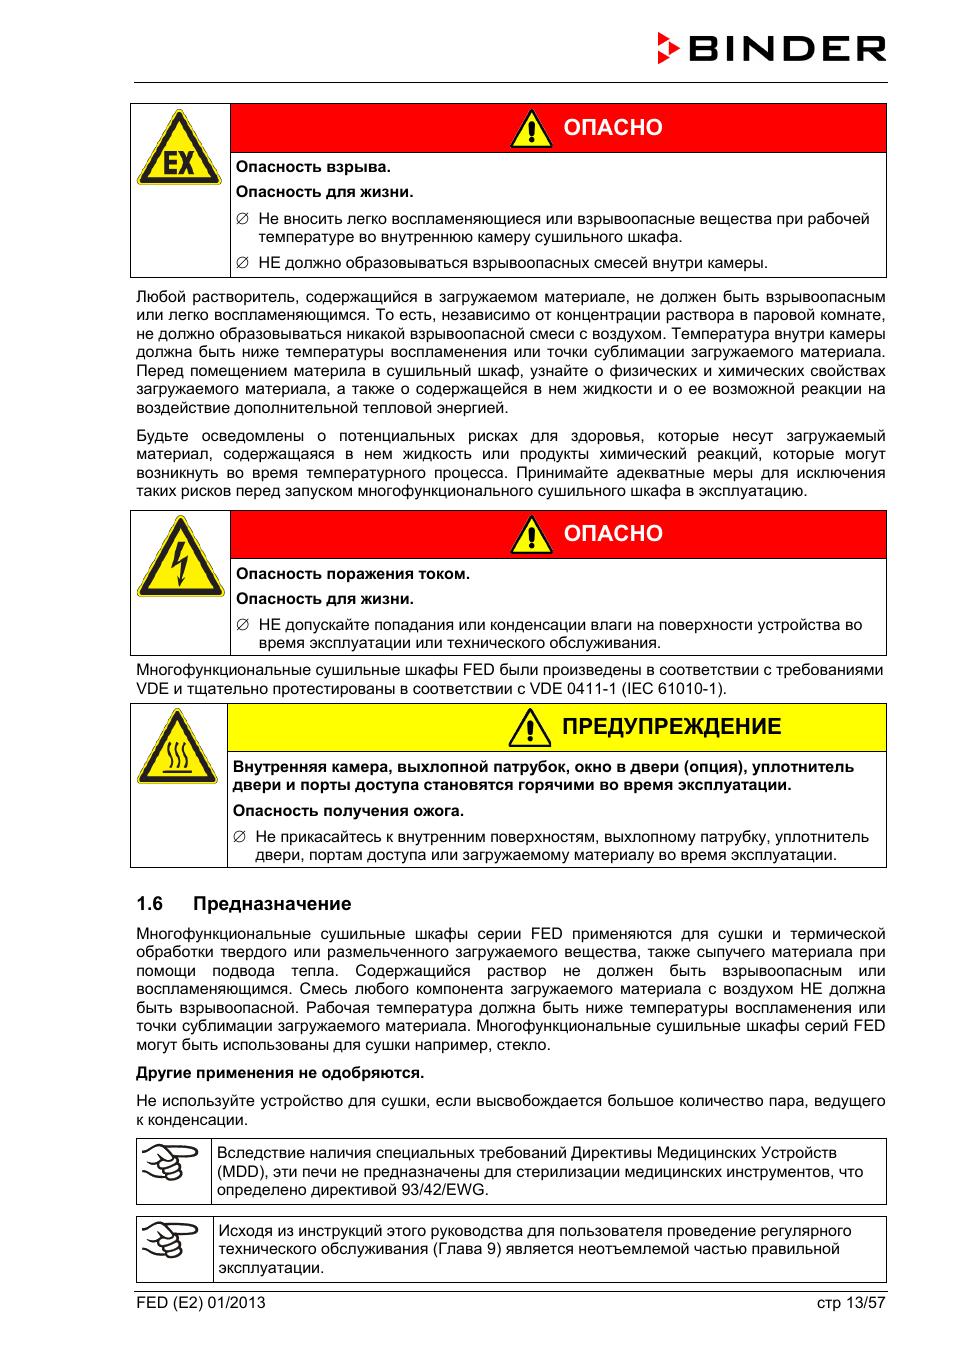 Инструкции по эксплуатации шкафа сушильного